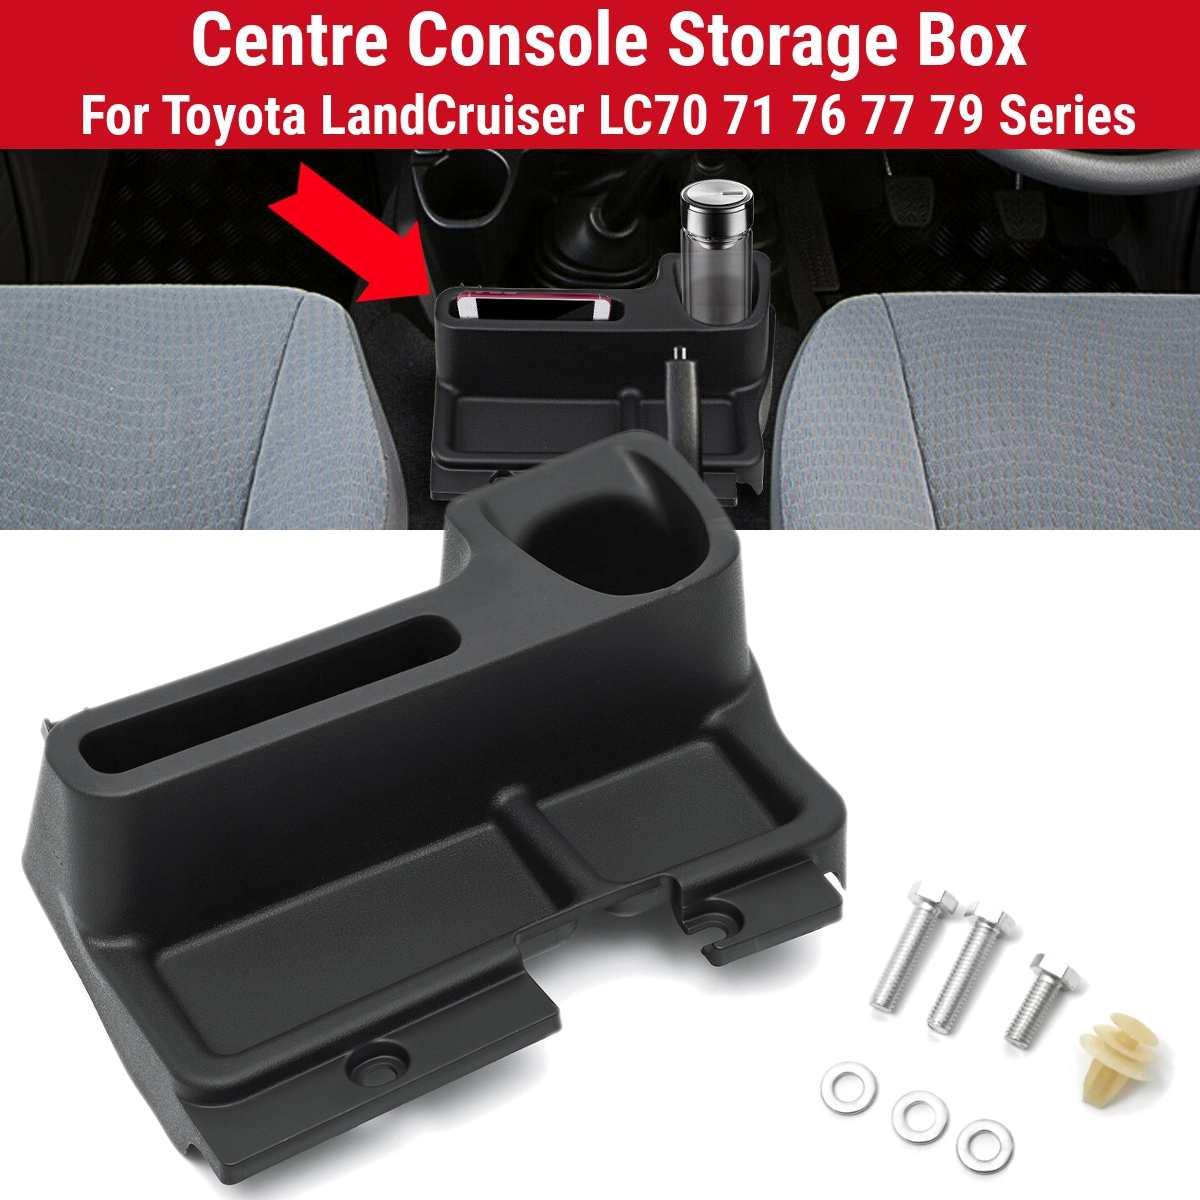 Caja de almacenamiento de consola de centro de coche para Toyota LC70 LC71 LC76 LC77 LC79 serie Land Cruiser caja de almacenamiento de remolque negro FJ70/FJ76/FJ77